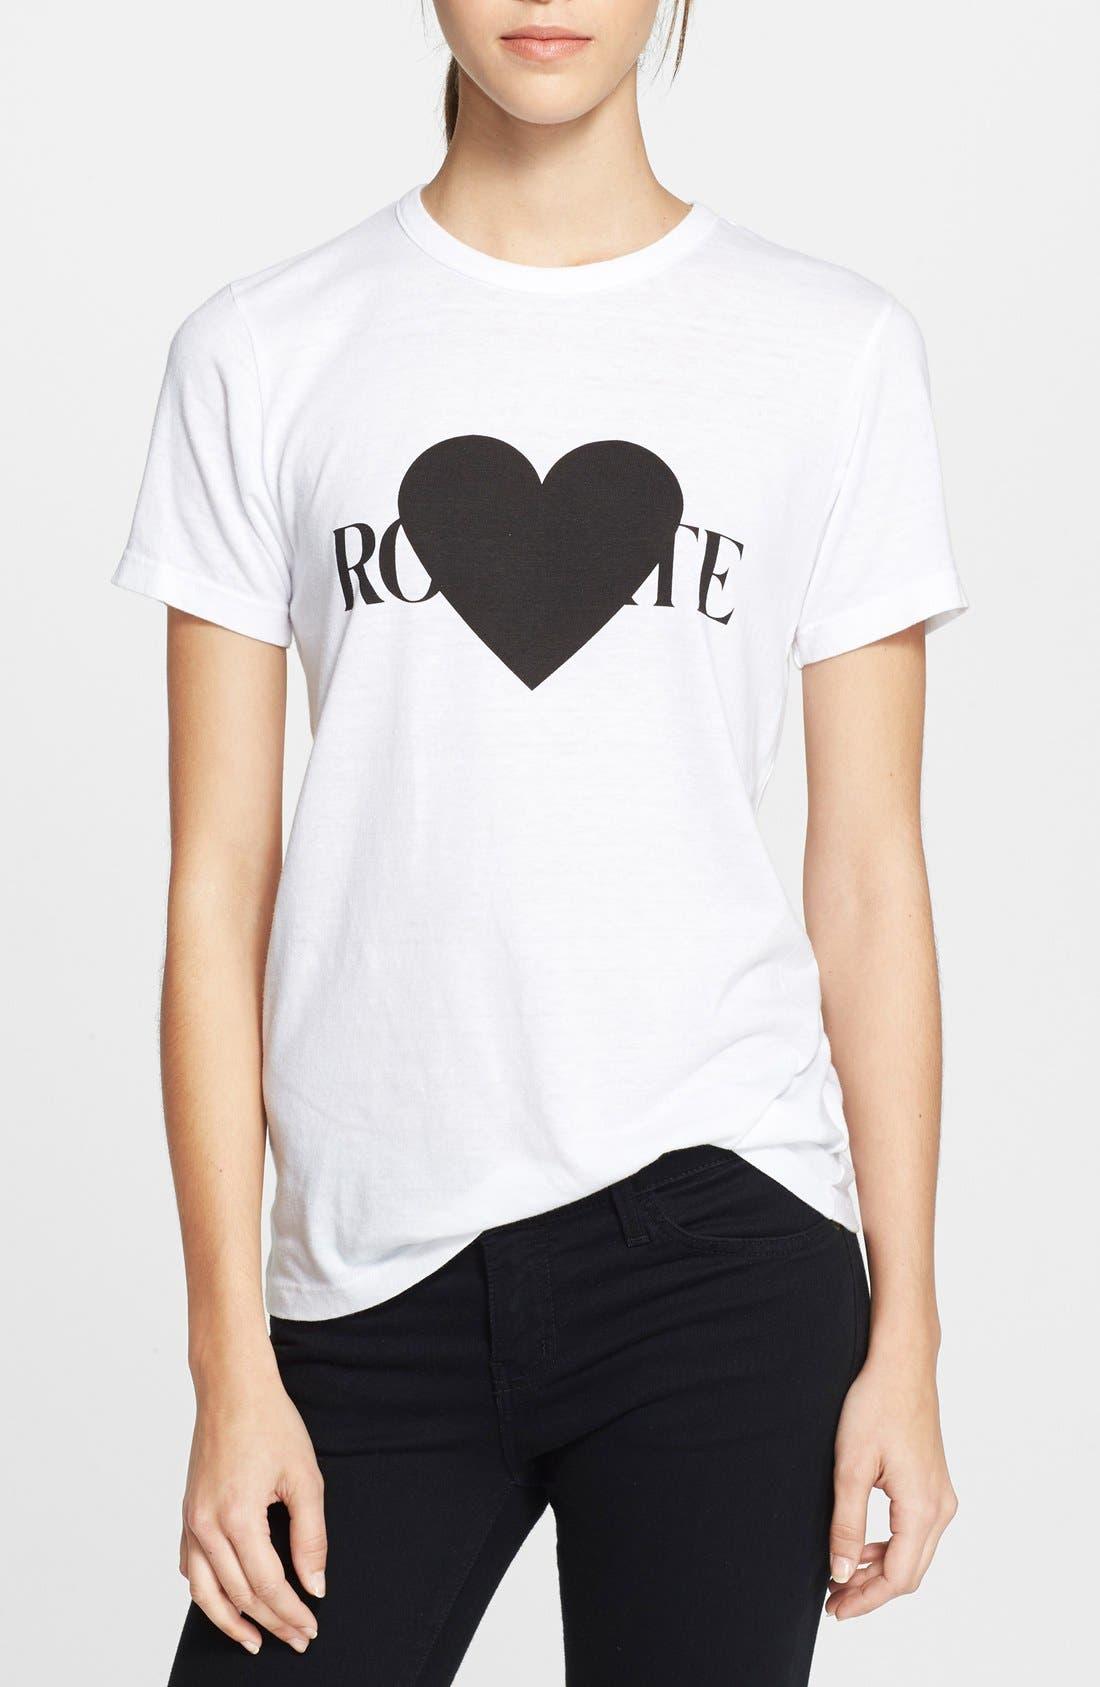 Main Image - Rodarte 'Rohearte' Heart Graphic Tee